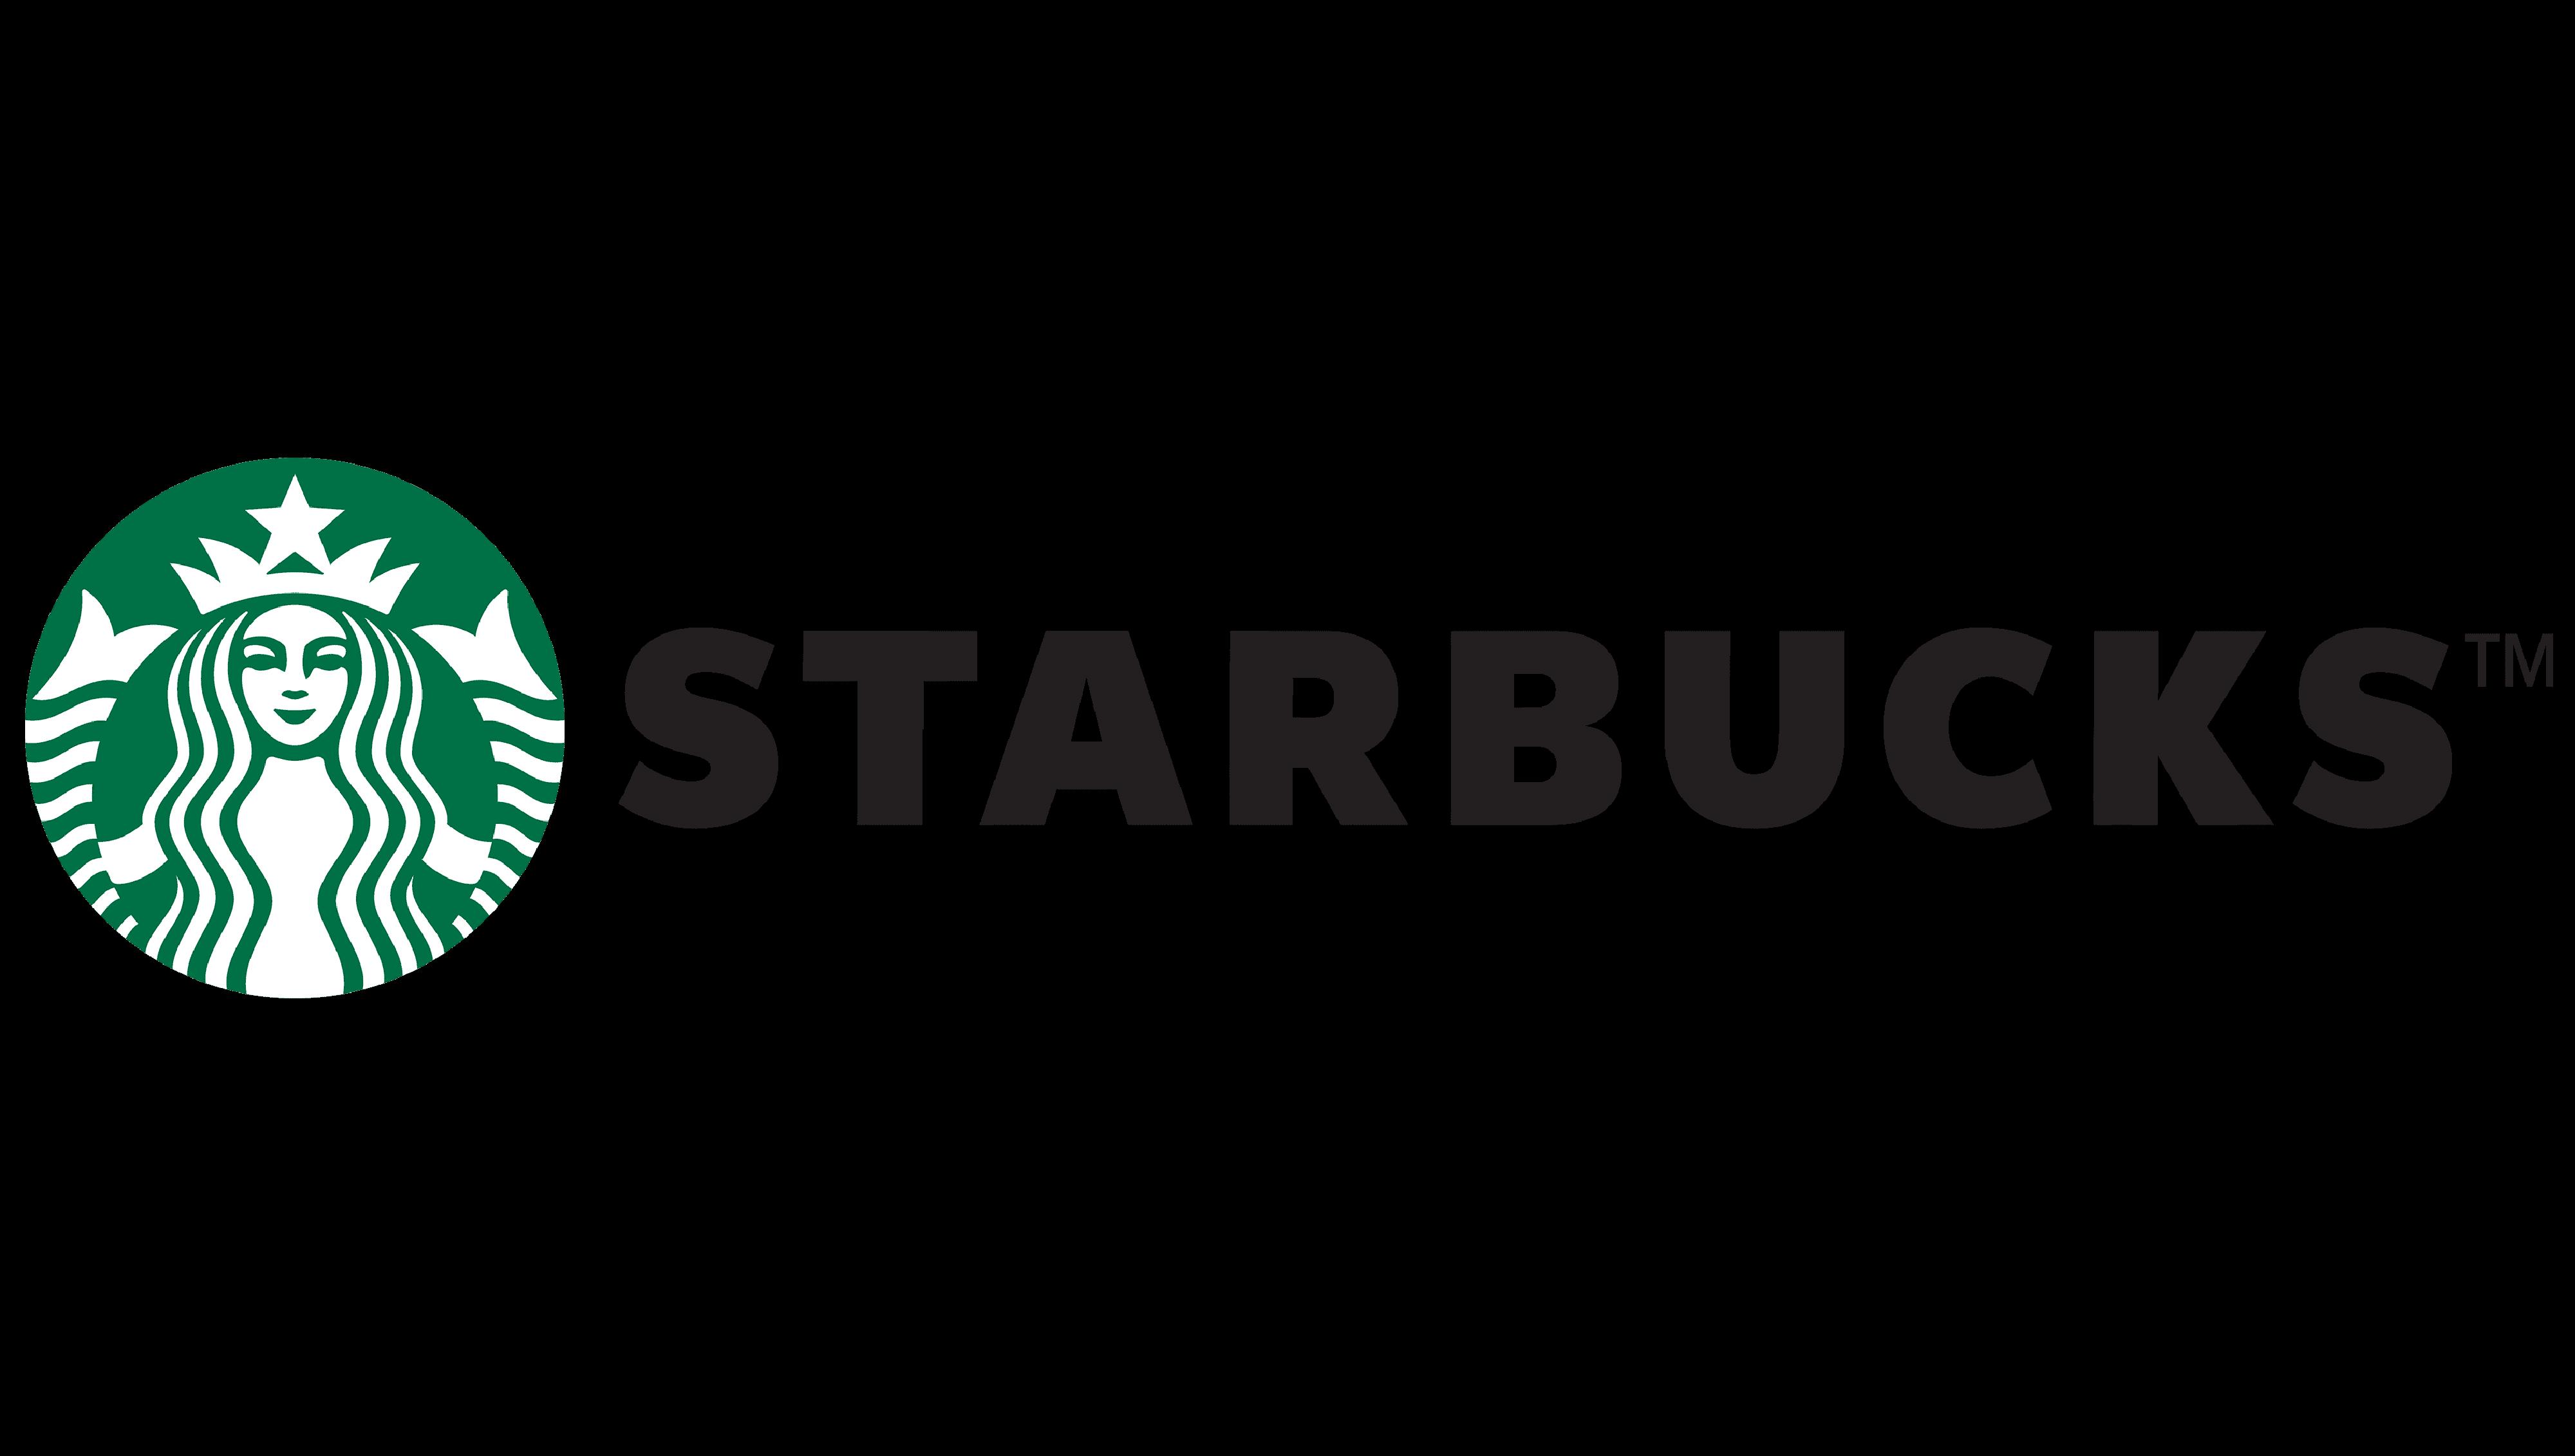 tendances-logo16.jpg